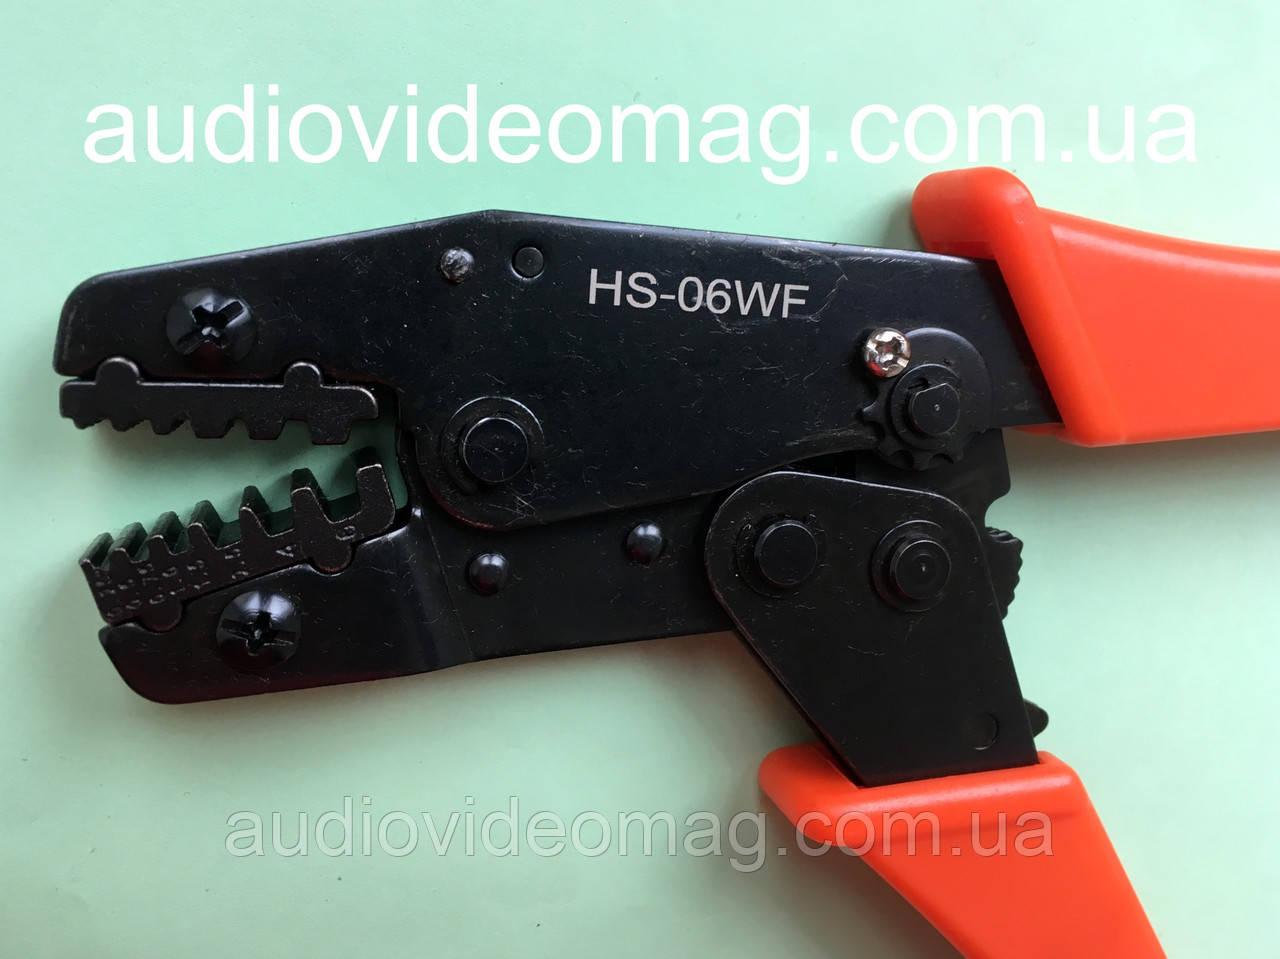 Инструмент обжимной (обжимка) HS-06WF для втулочных наконечников и гильз от 0.25 до 6 мм²